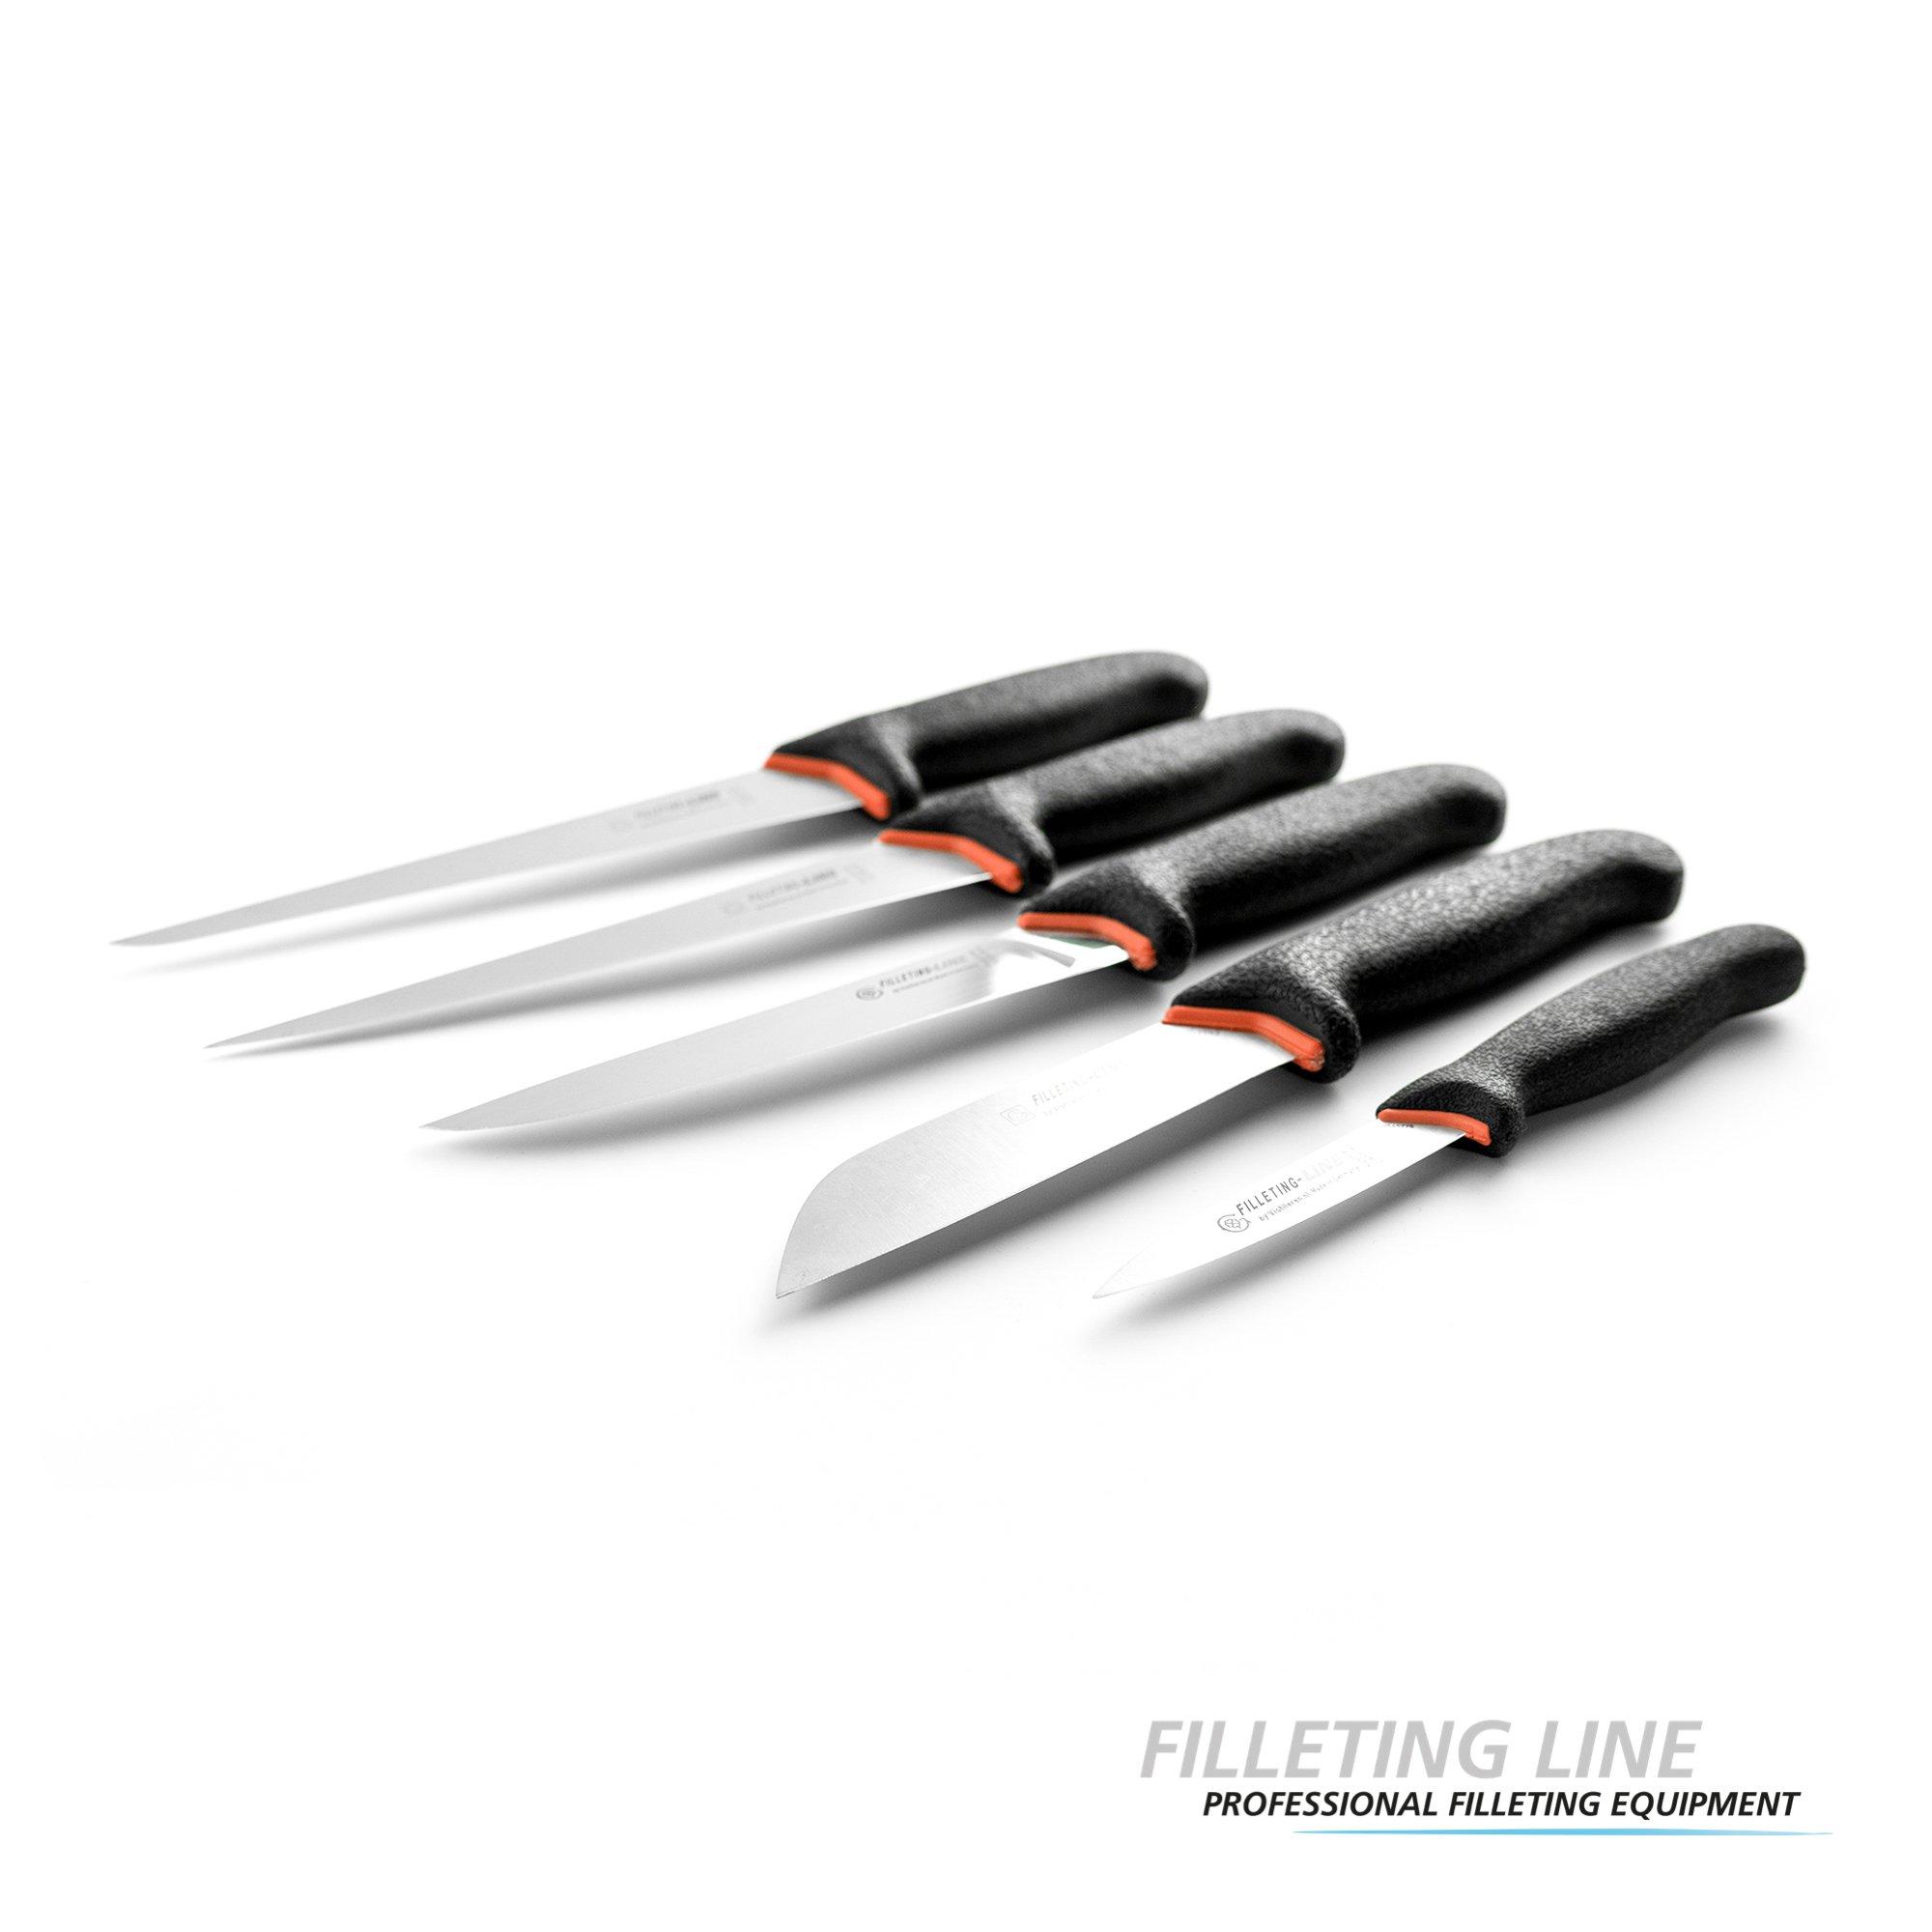 FILLETING LINE_2000x2000_SET_logo-46